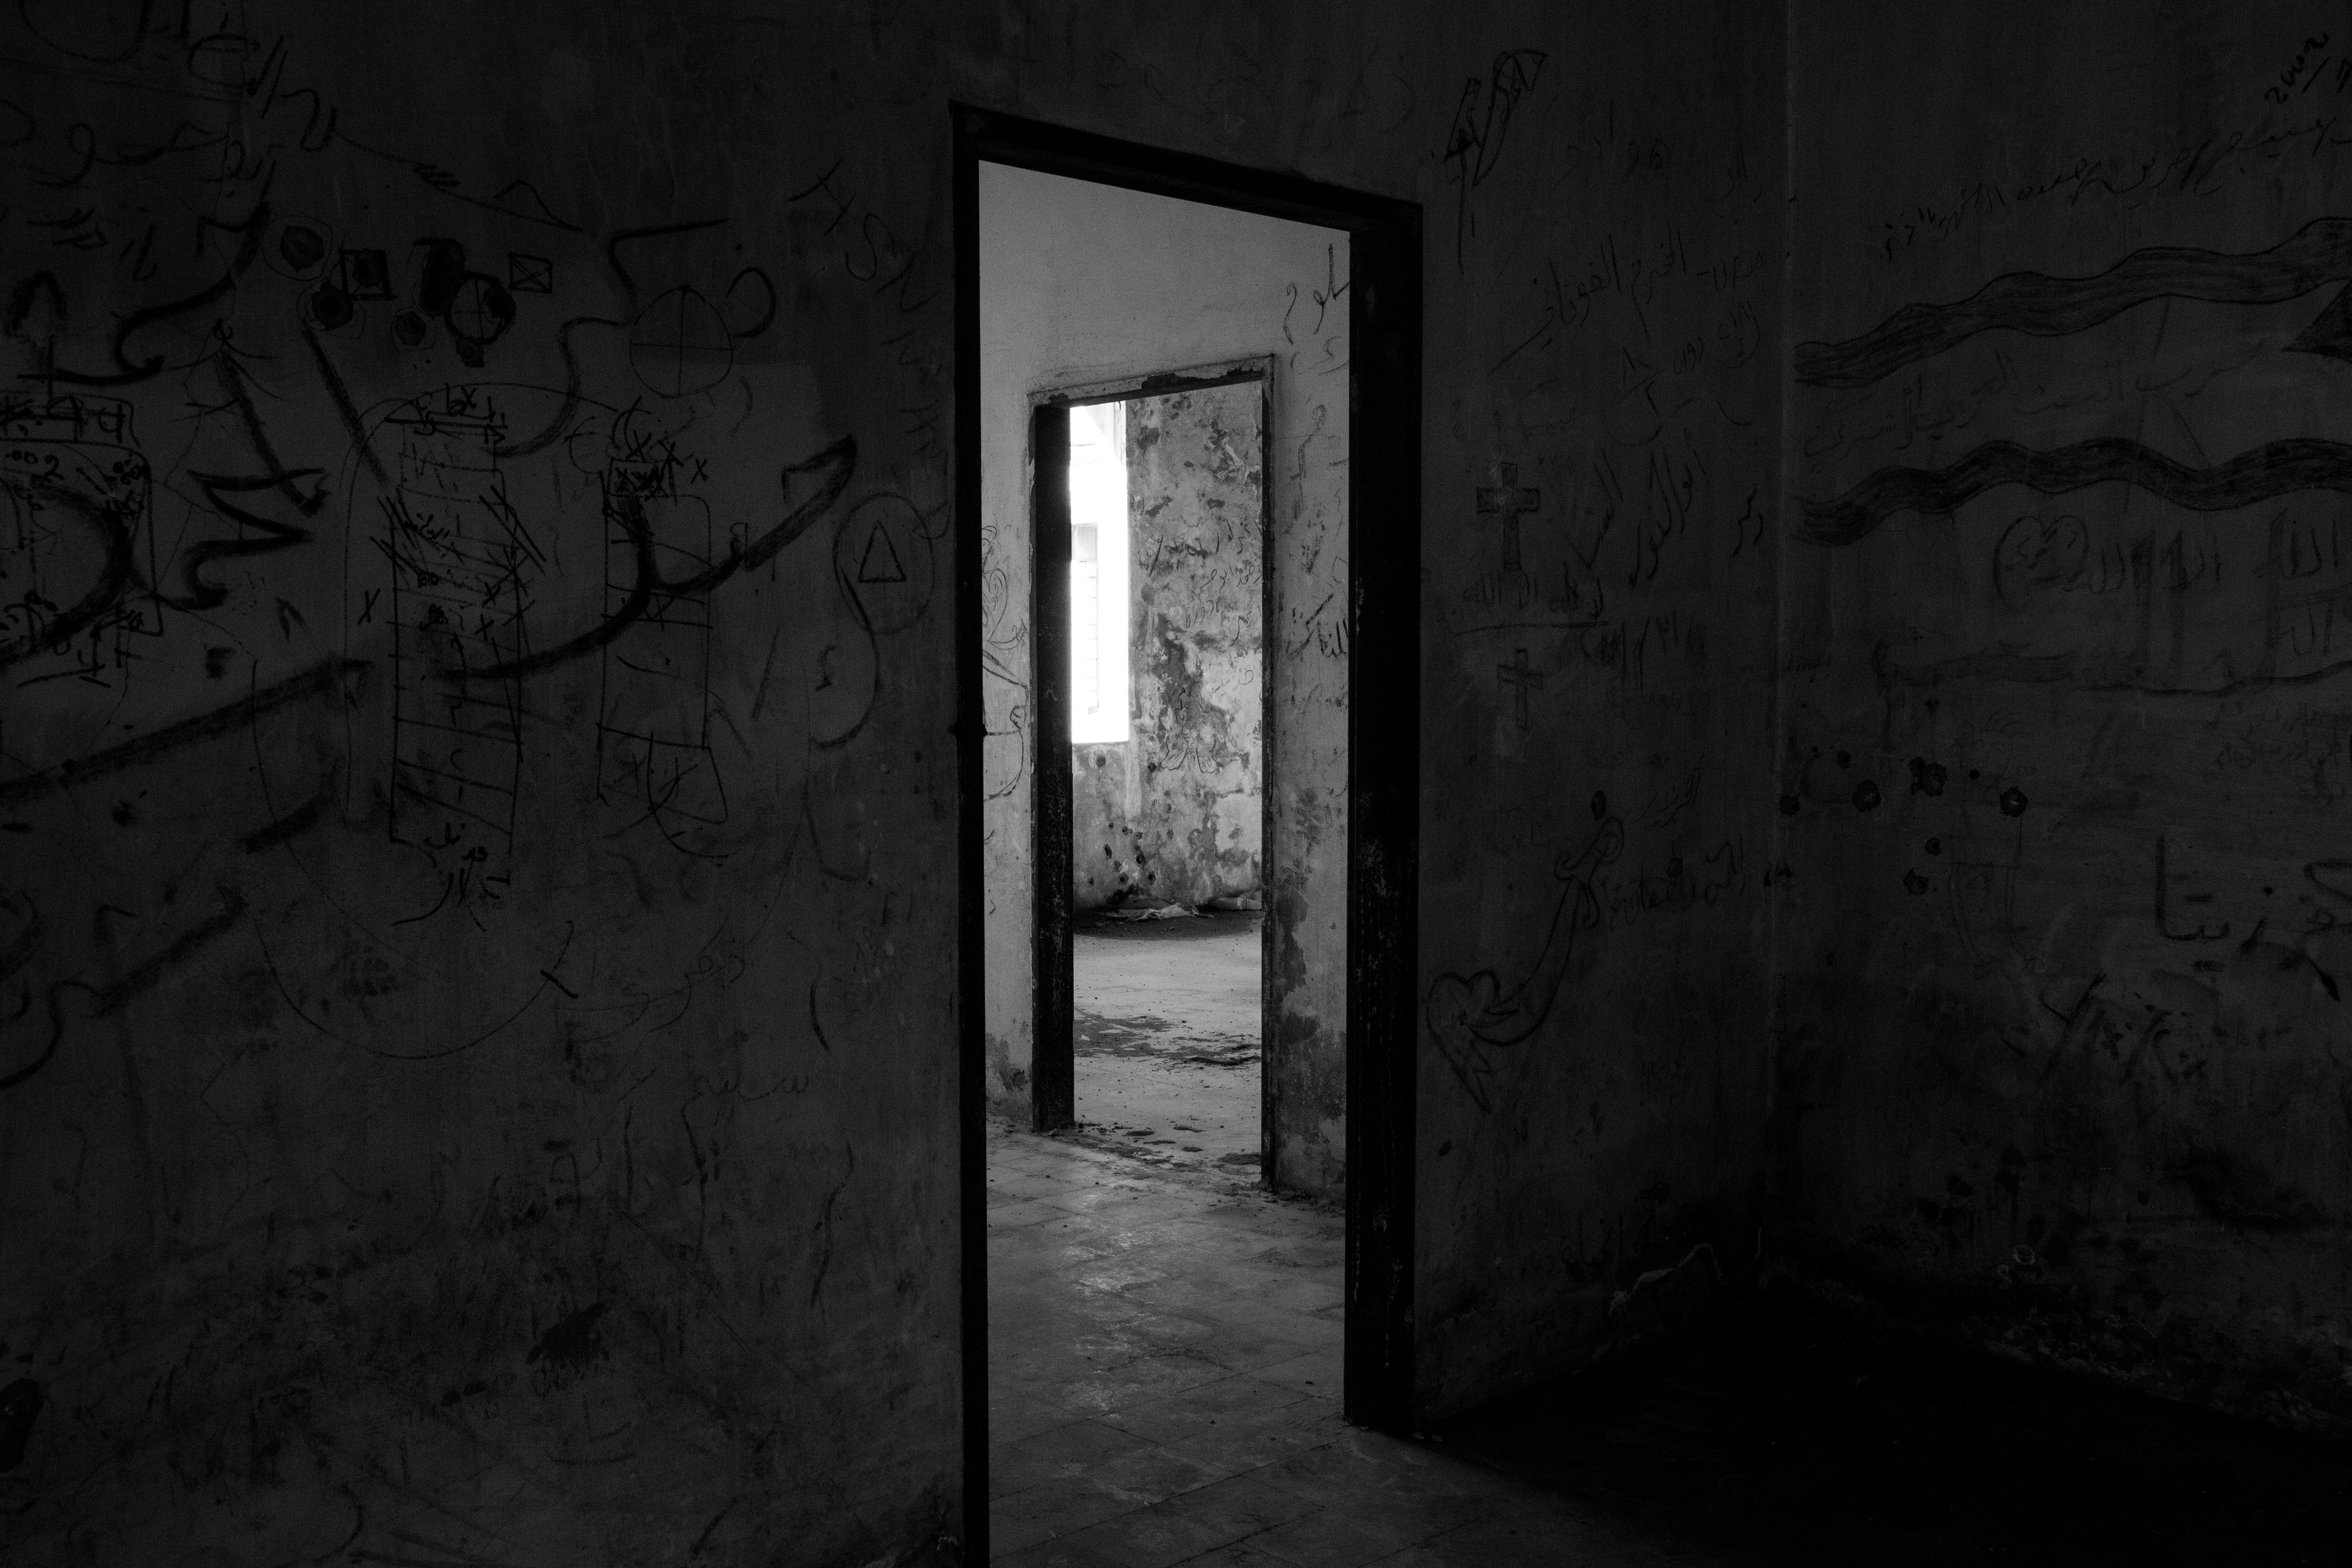 Black Wooden Door Frame, Abandoned, Frame, Vandalism, Shadow, HQ Photo